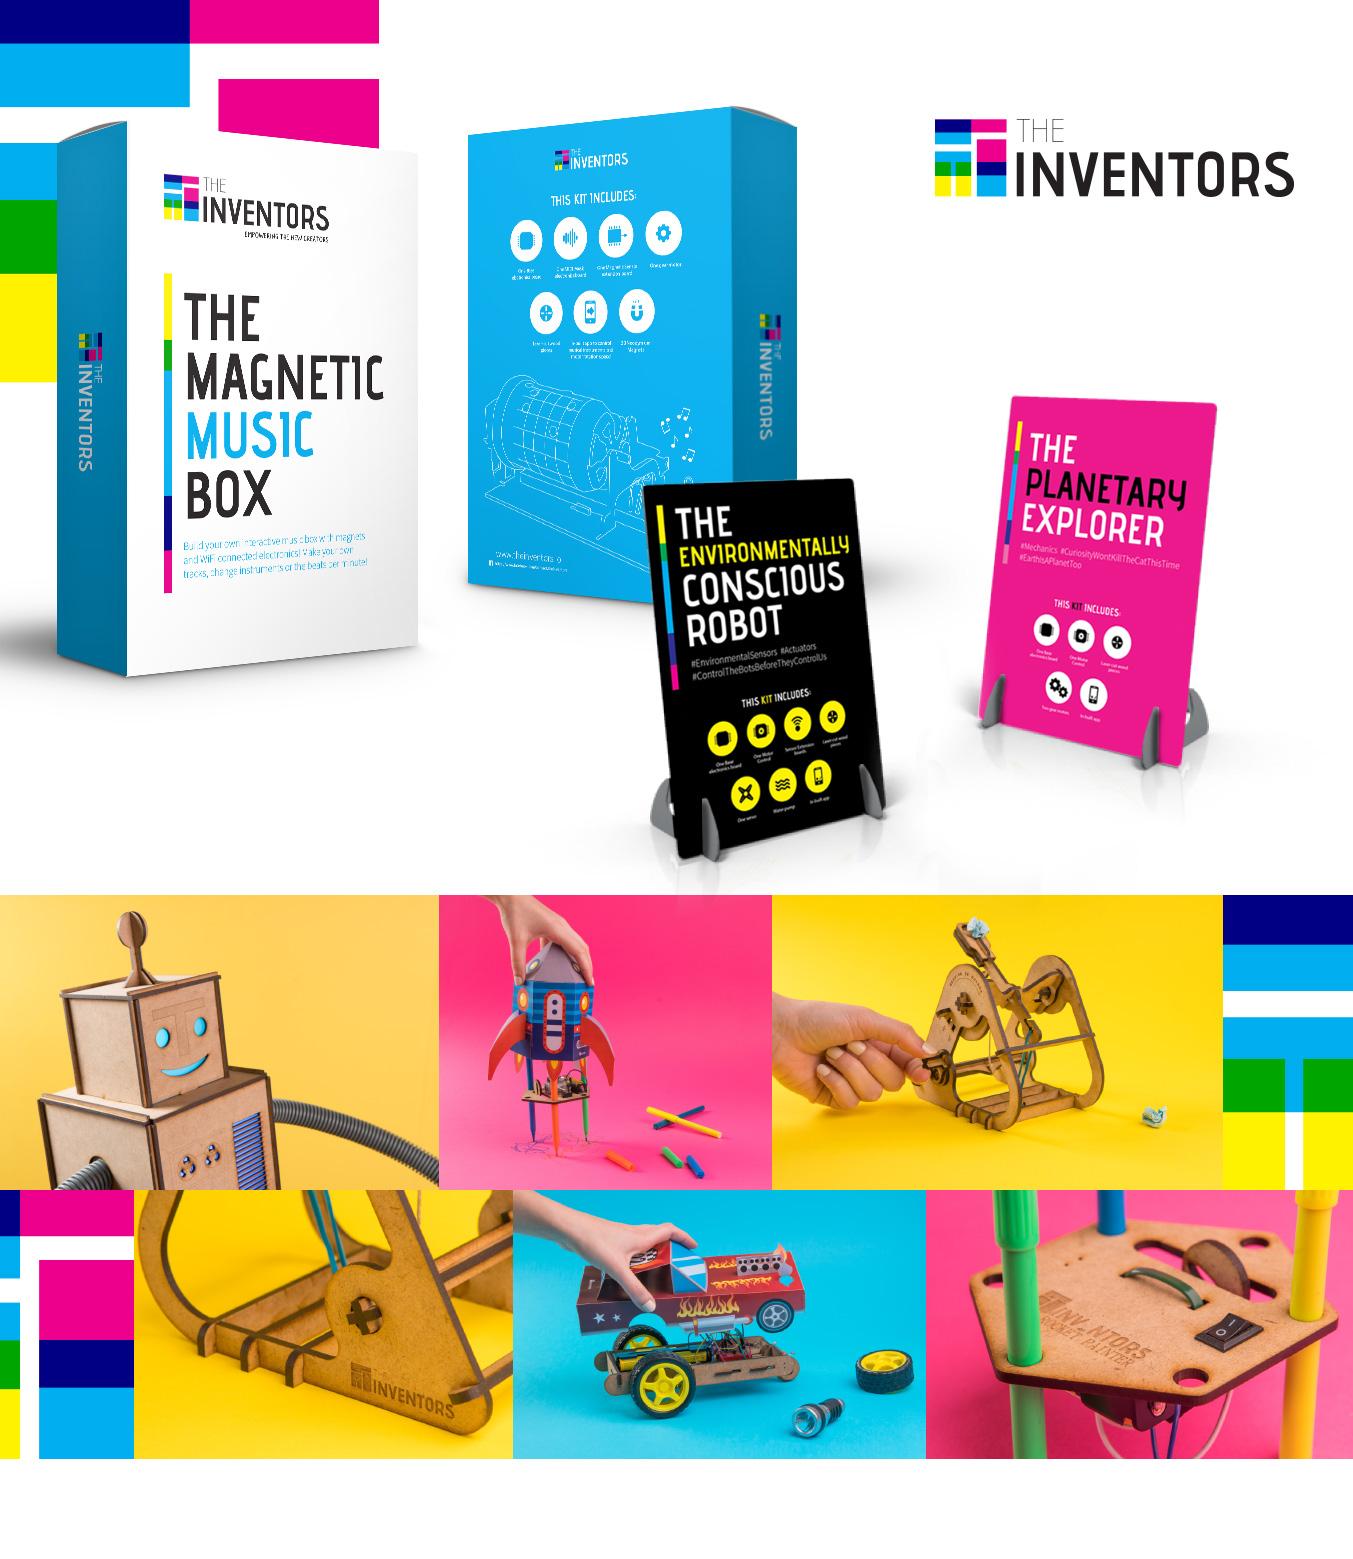 Inventors_full